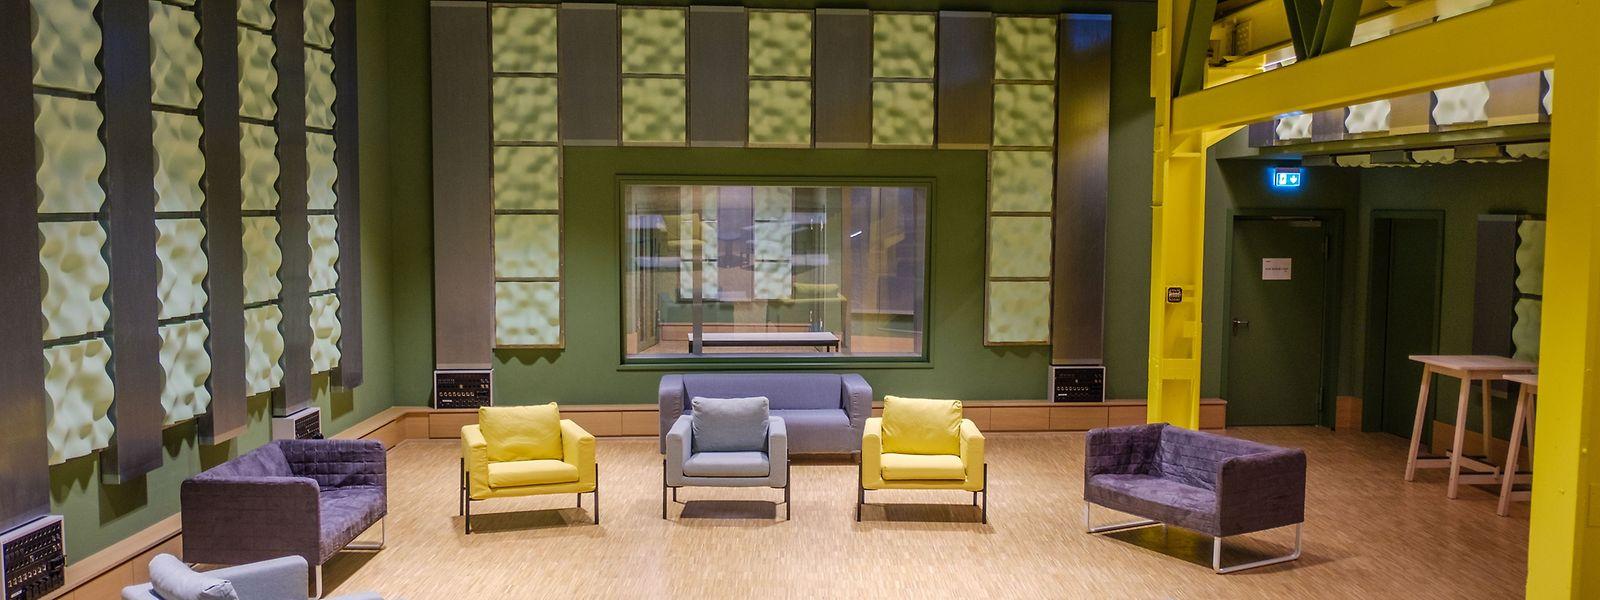 Le grand studio d'enregistrement du rez-de-chaussée est équipé d'une scène, d'un studio son et d'un espace lounge.